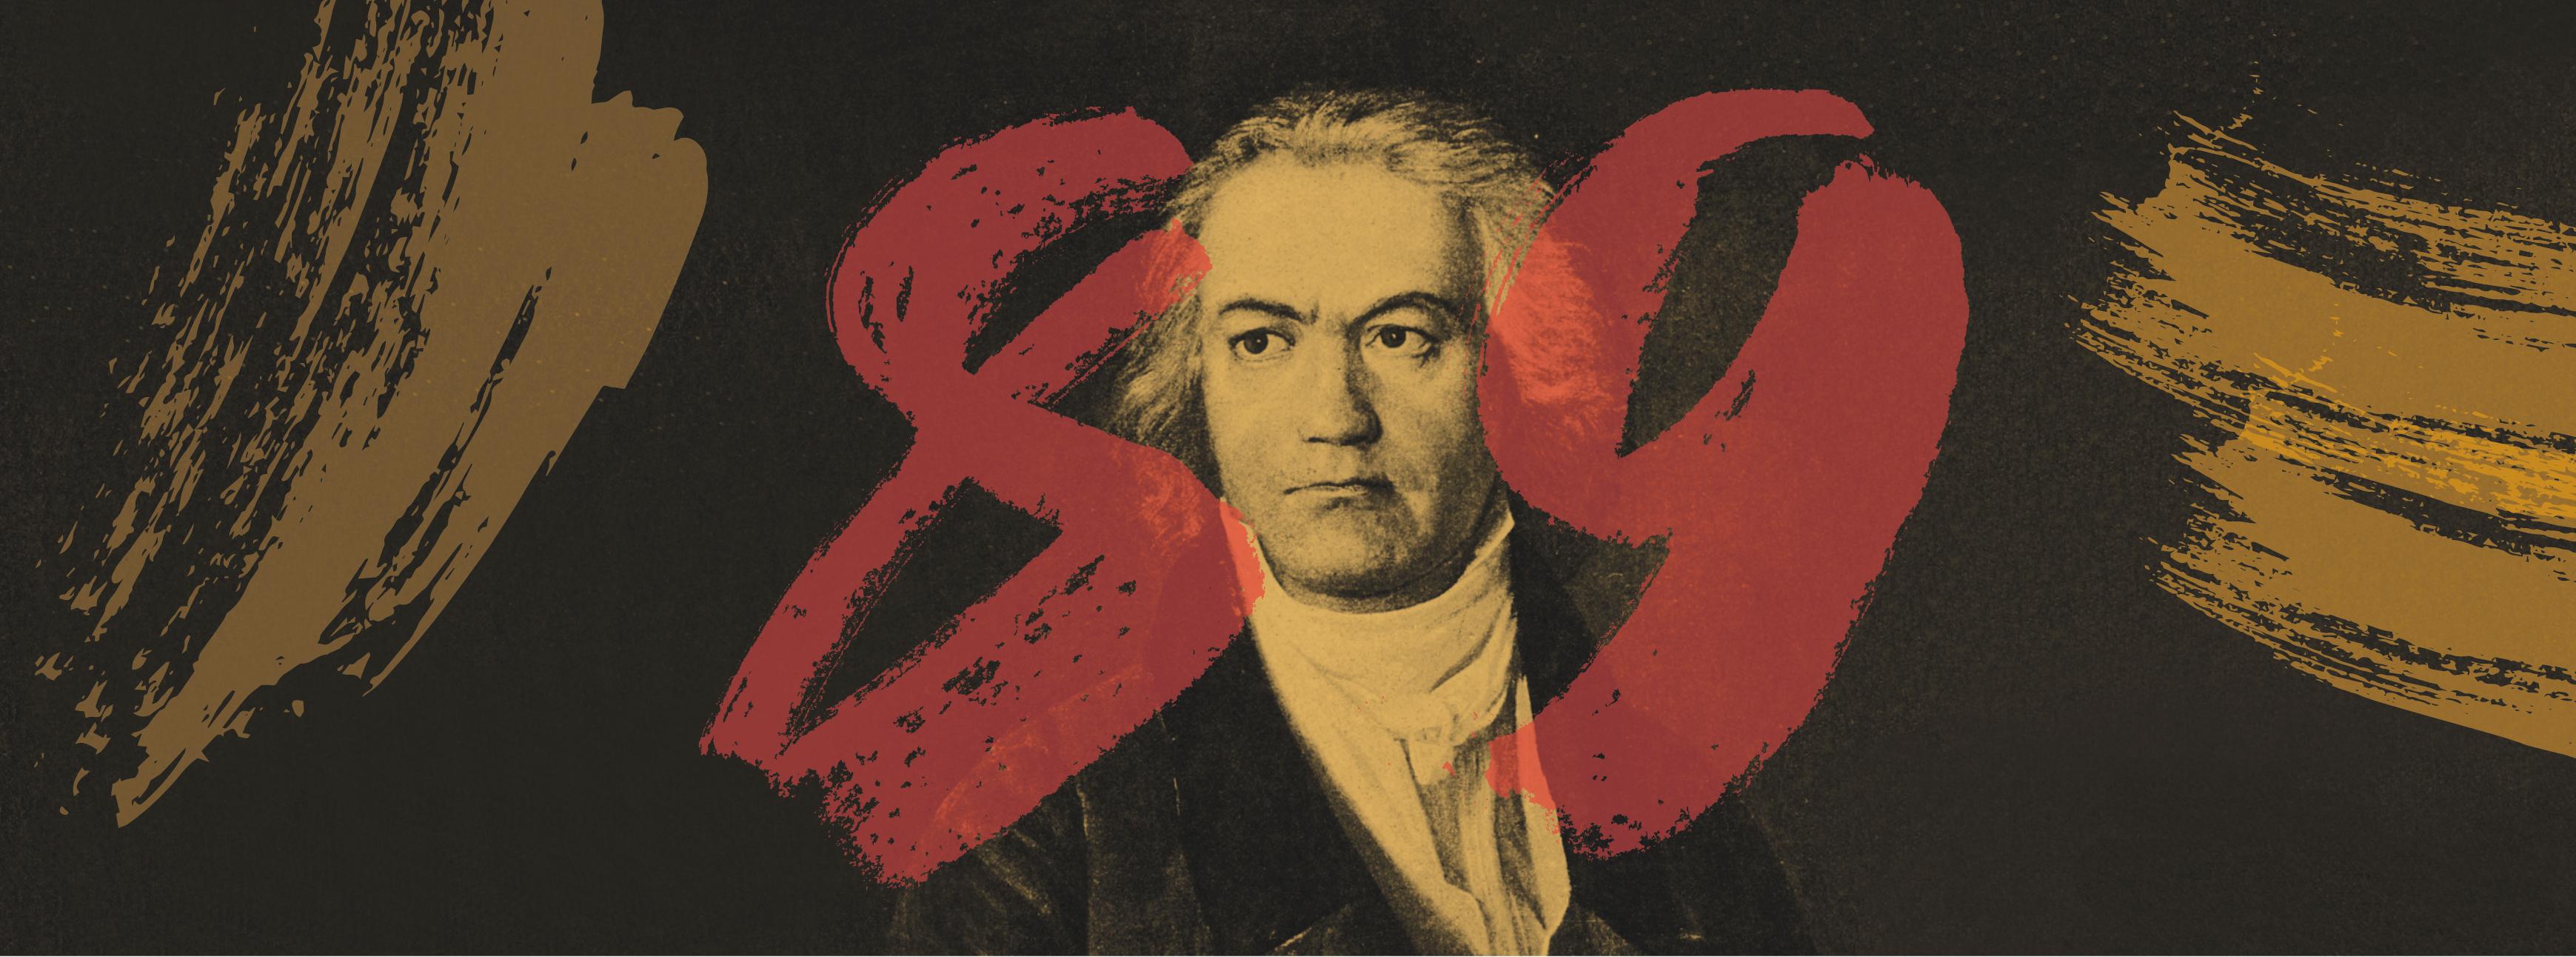 L.V. Beethoven / Symphony No. 9